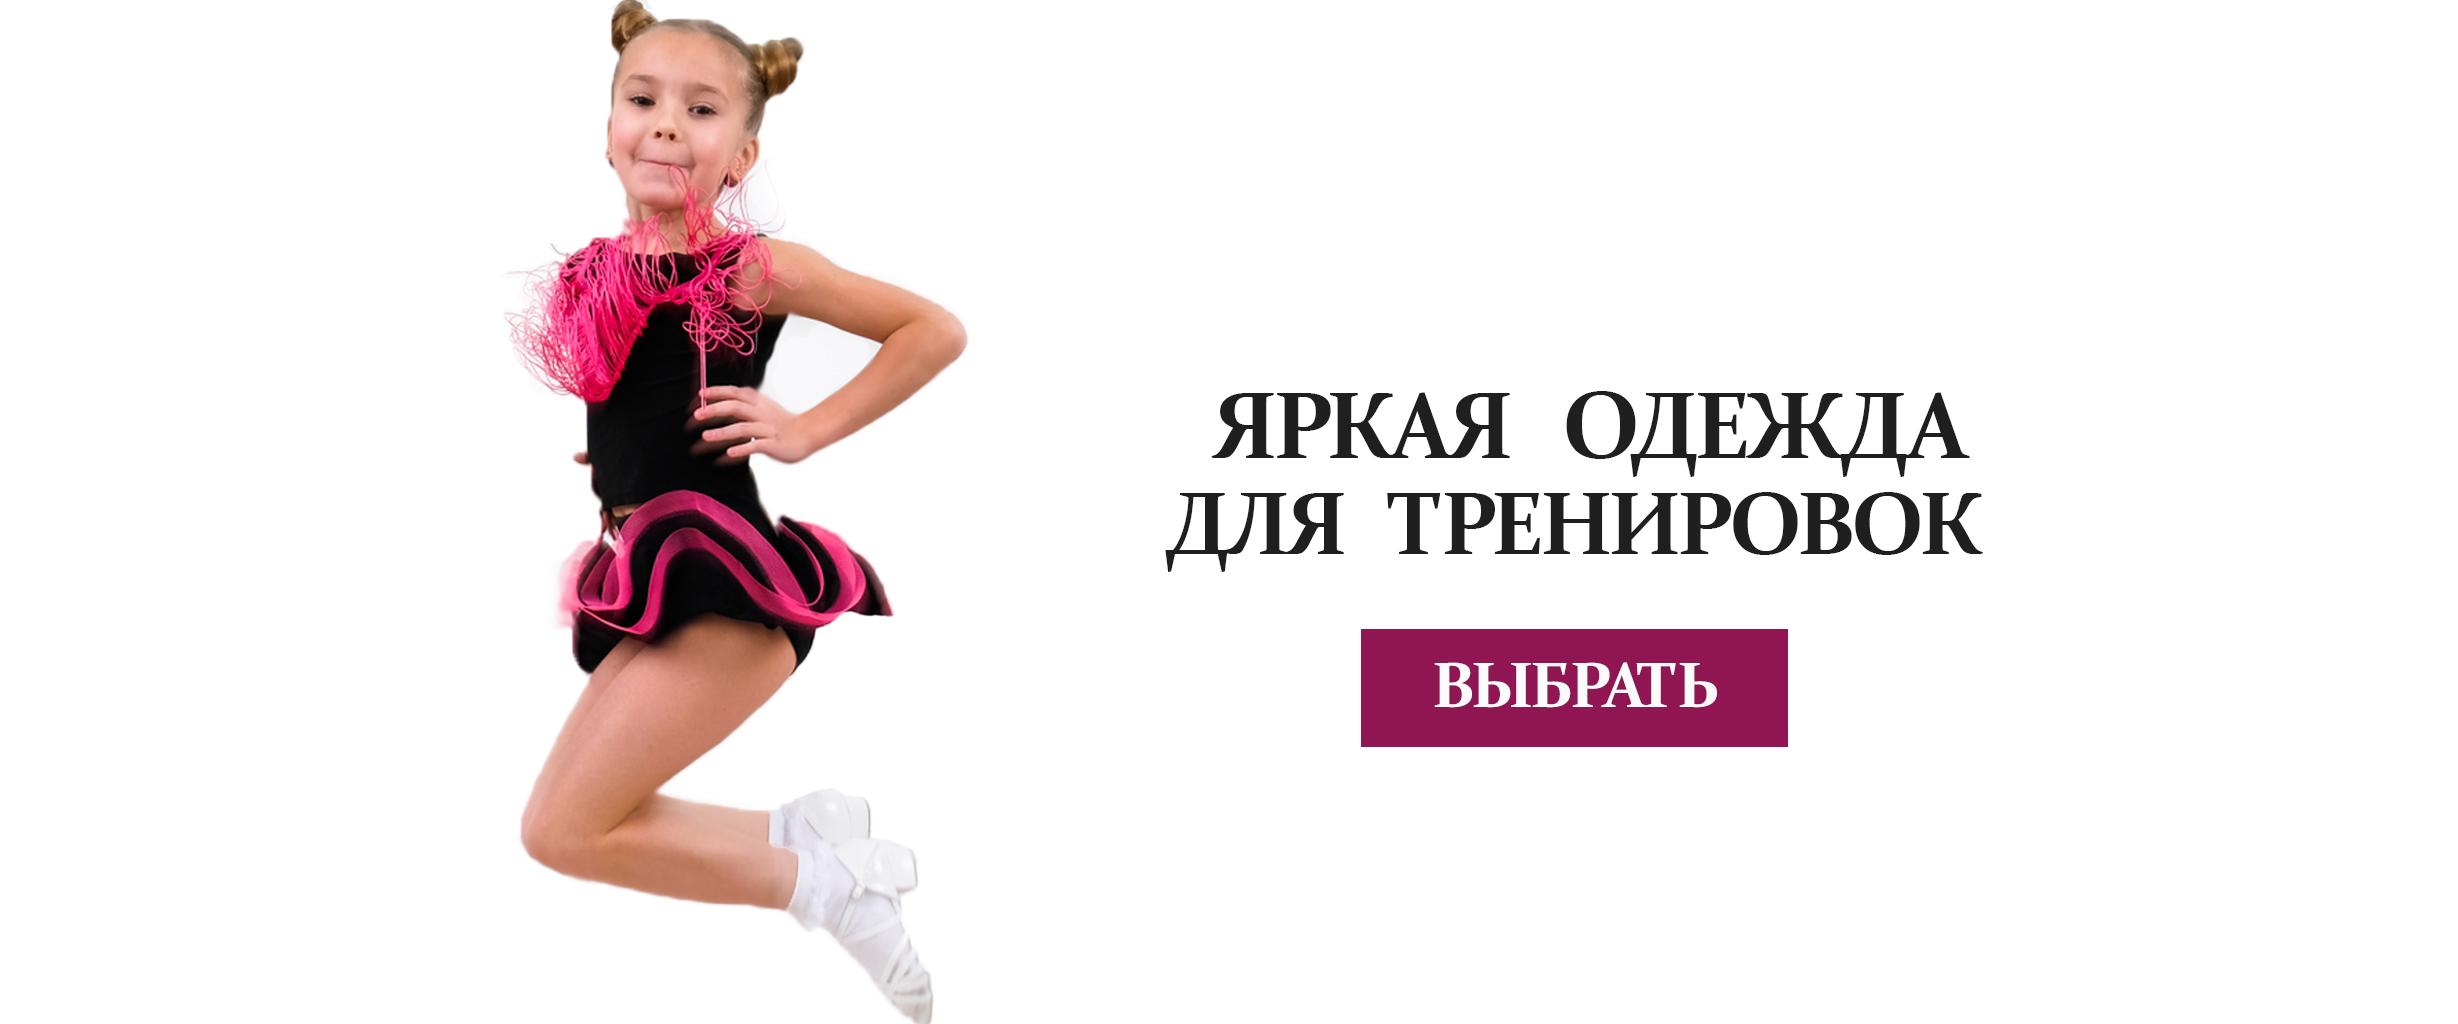 Найти девушку для танцев